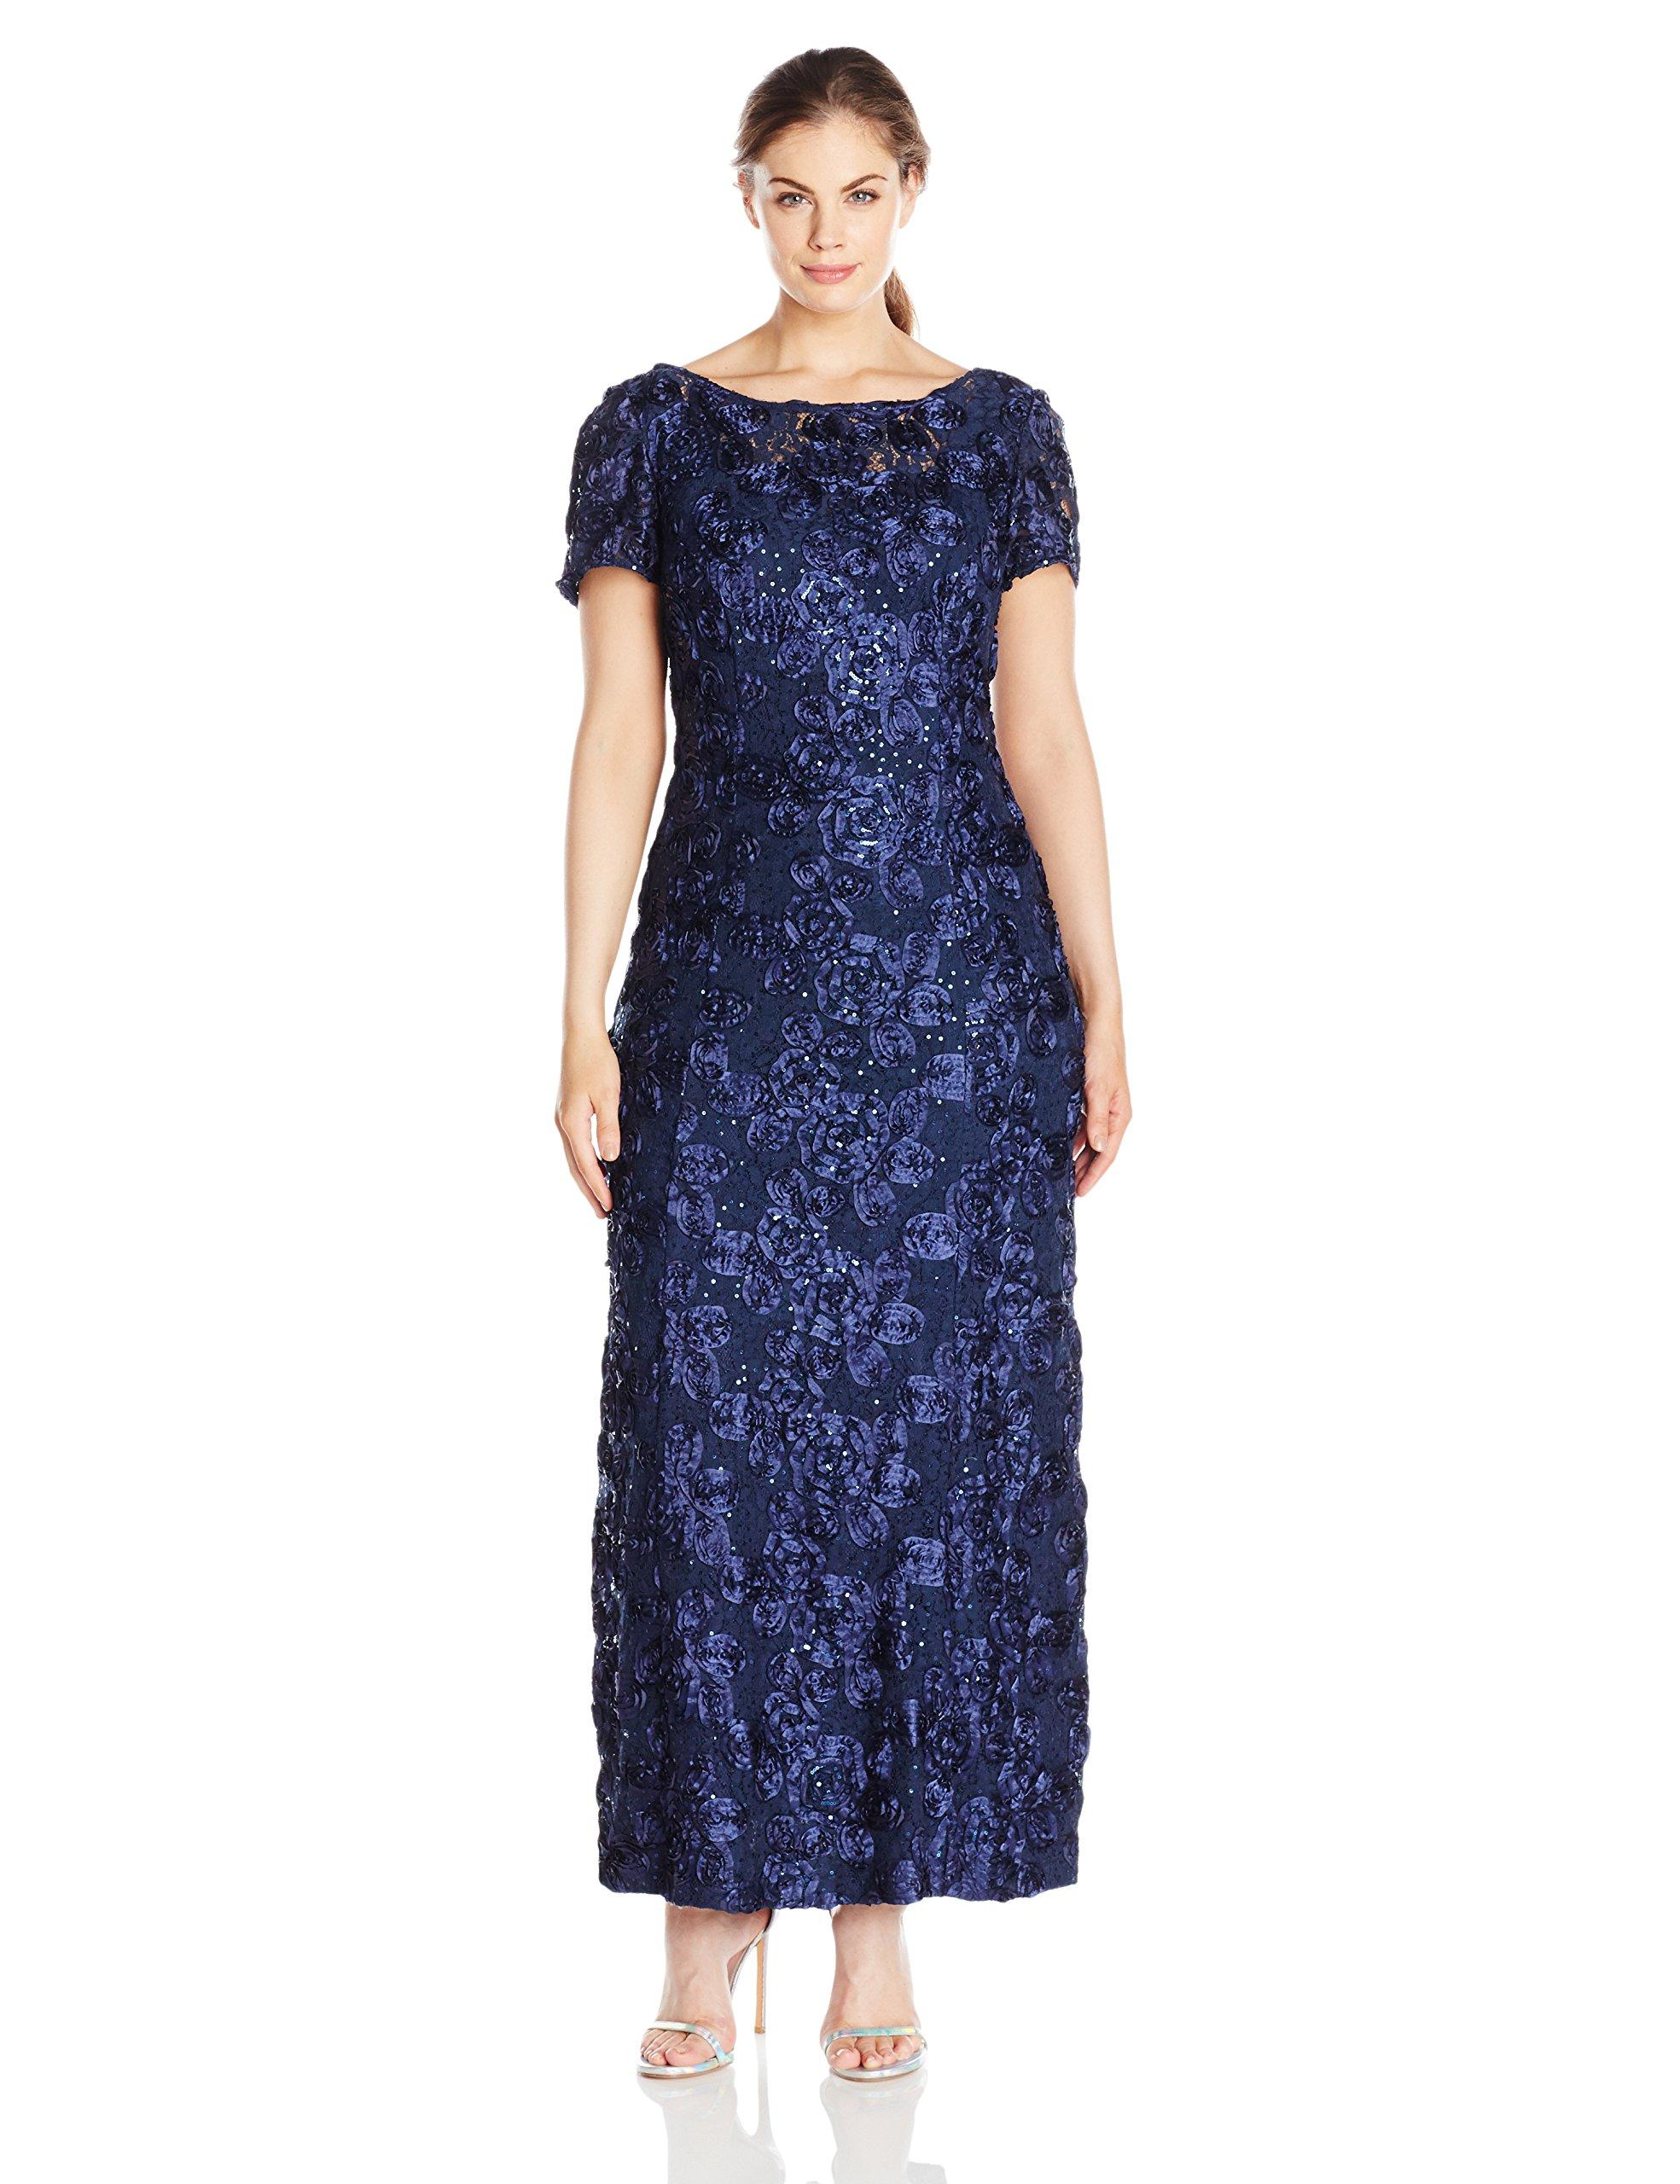 53a8c47d4b ... Dresses Alex Evenings Women s Plus-Size Long A-Line Rosette Dress with  Short Sleeves